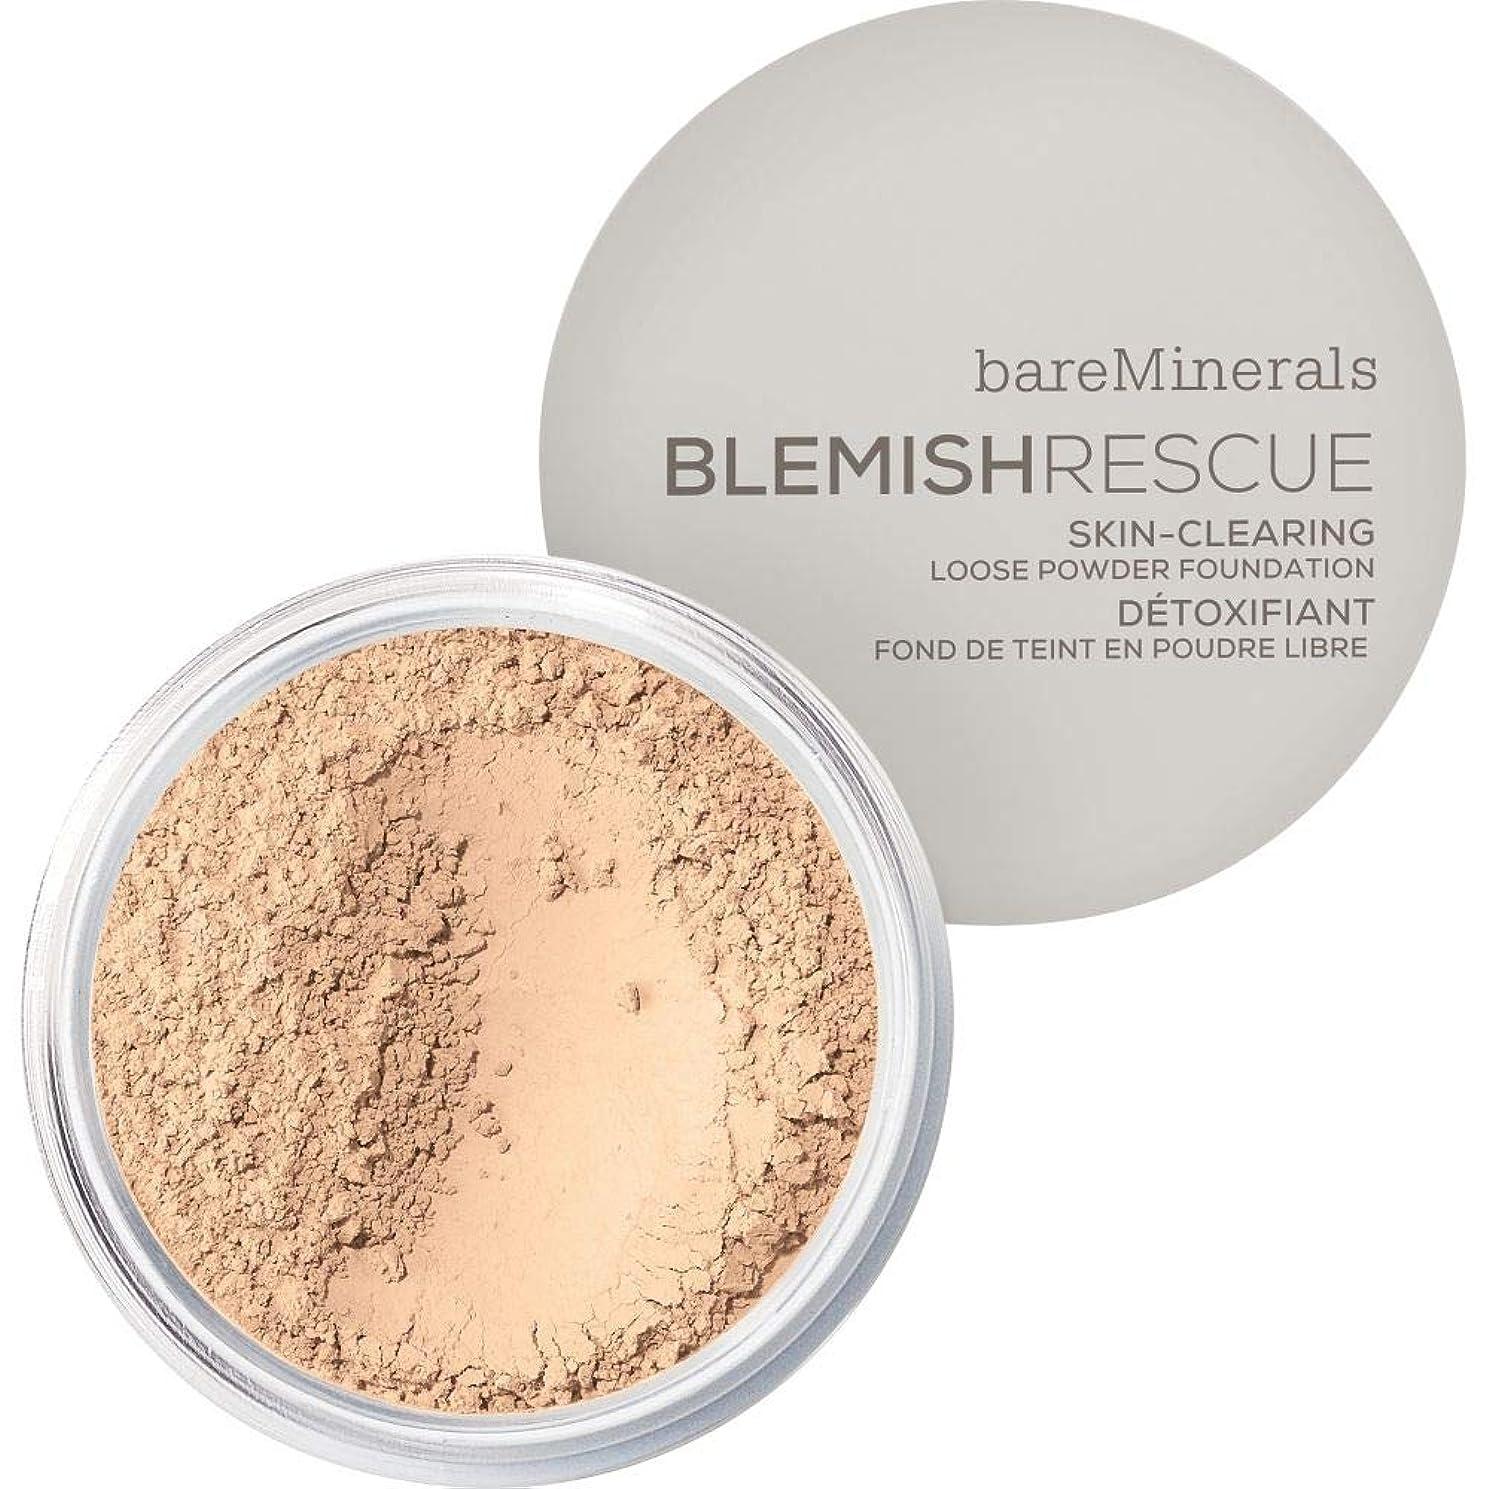 ネコ熱心なうねる[bareMinerals ] かなり光 - ベアミネラルは、レスキュースキンクリア緩いパウダーファンデーション6グラム1Nwが傷 - bareMinerals Blemish Rescue Skin-Clearing Loose Powder Foundation 6g 1NW - Fairly Light [並行輸入品]